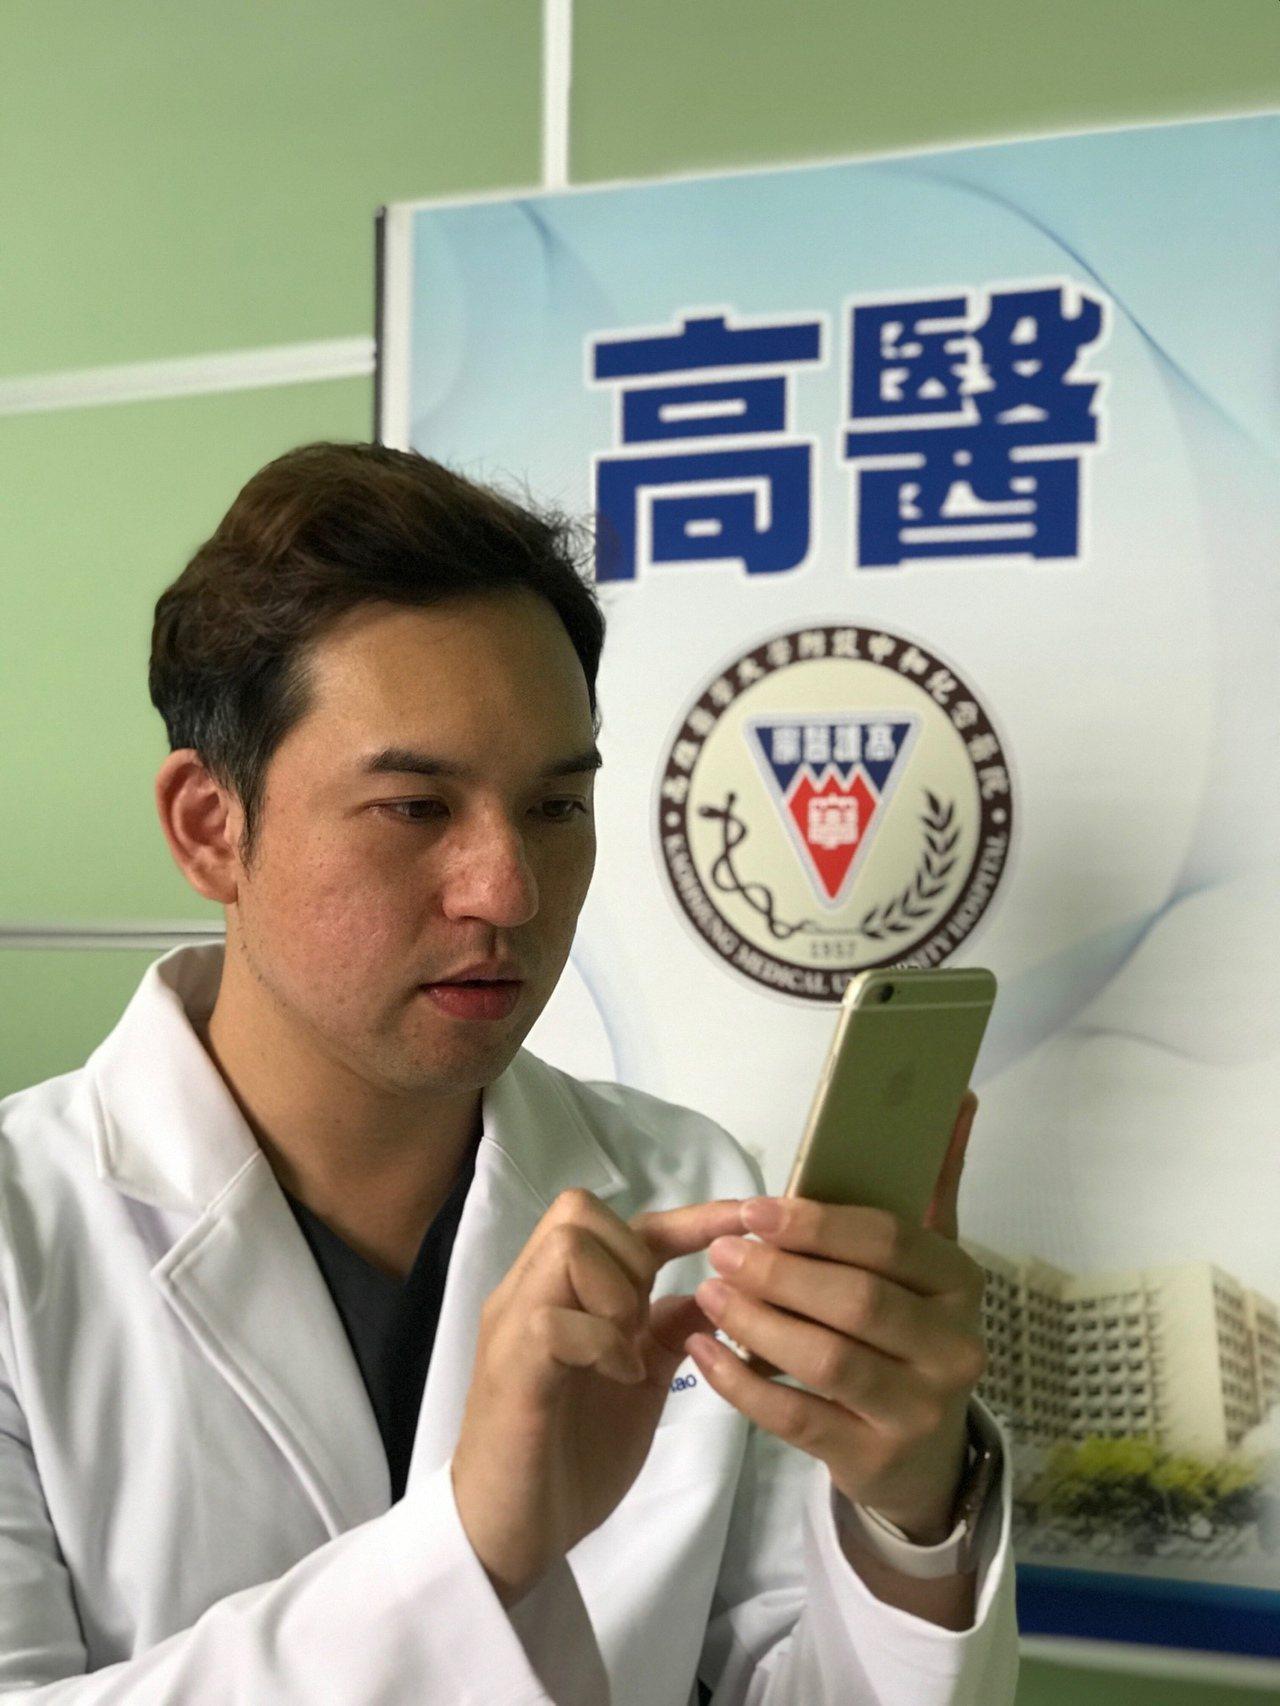 高醫附院外科醫師張智皓前往那瑪夏衛生所支援,意外碰上豪雨襲擊山區,5天半獨力救治...